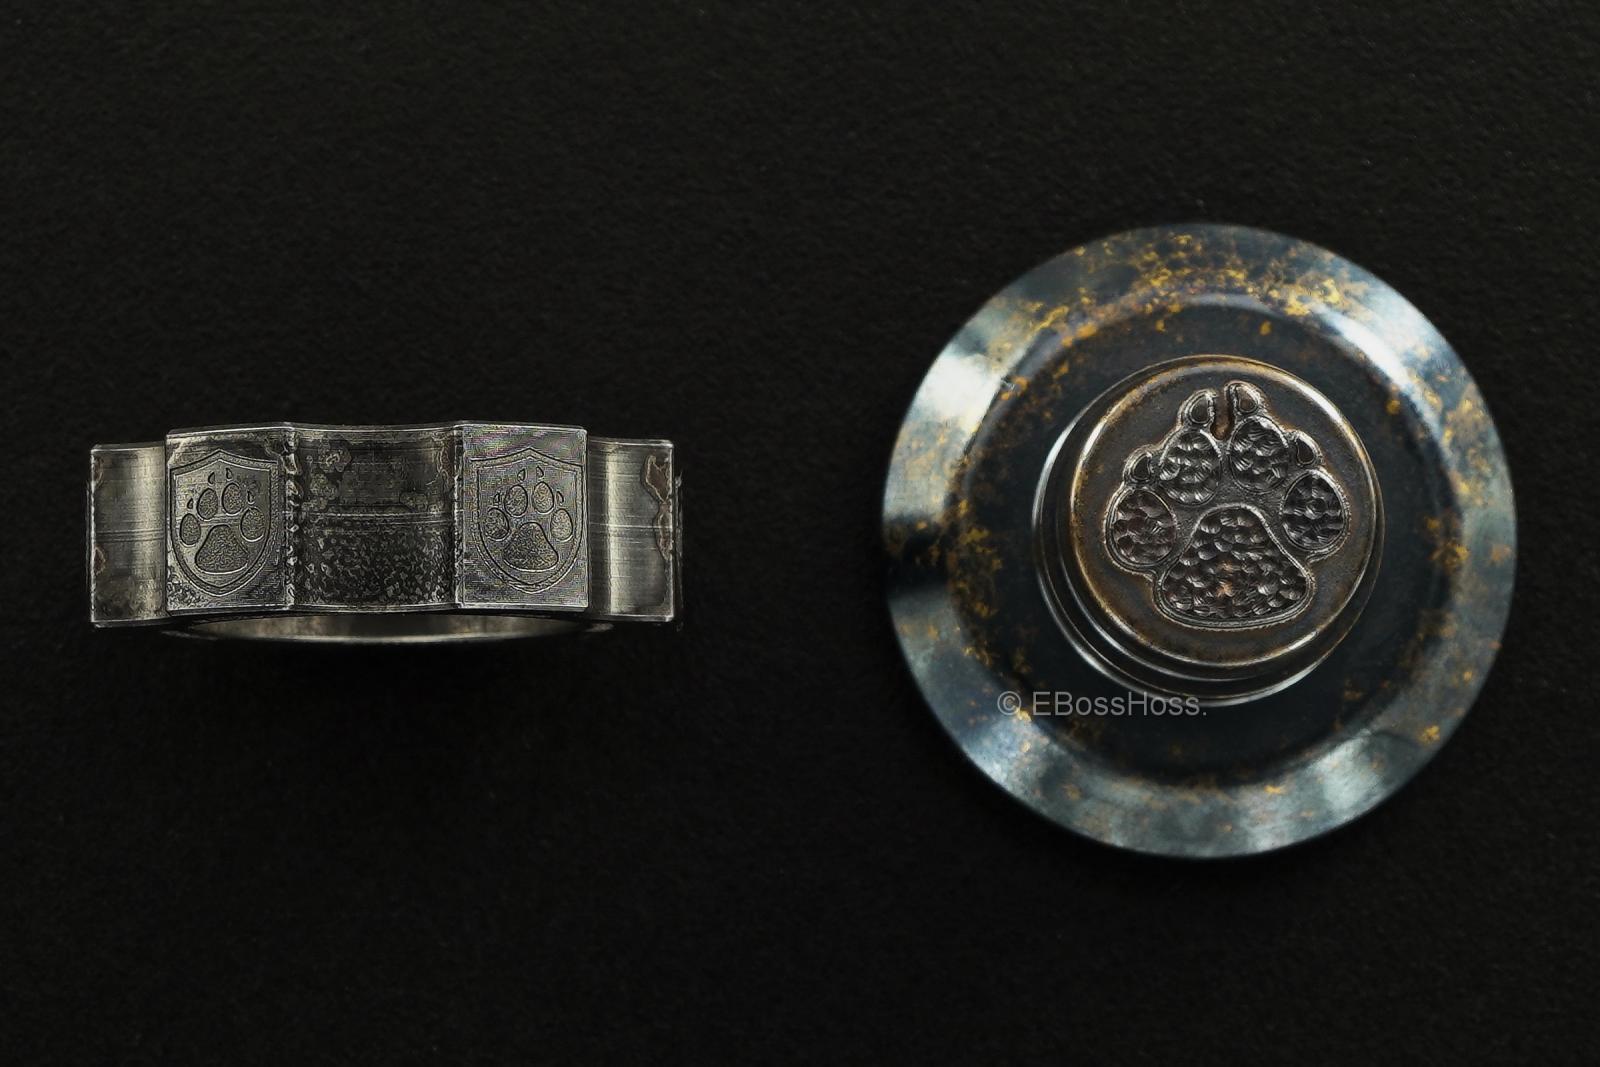 Steel Flame Cog Ring-Spin w XL 3-D Stippled Dog-Paw Slug